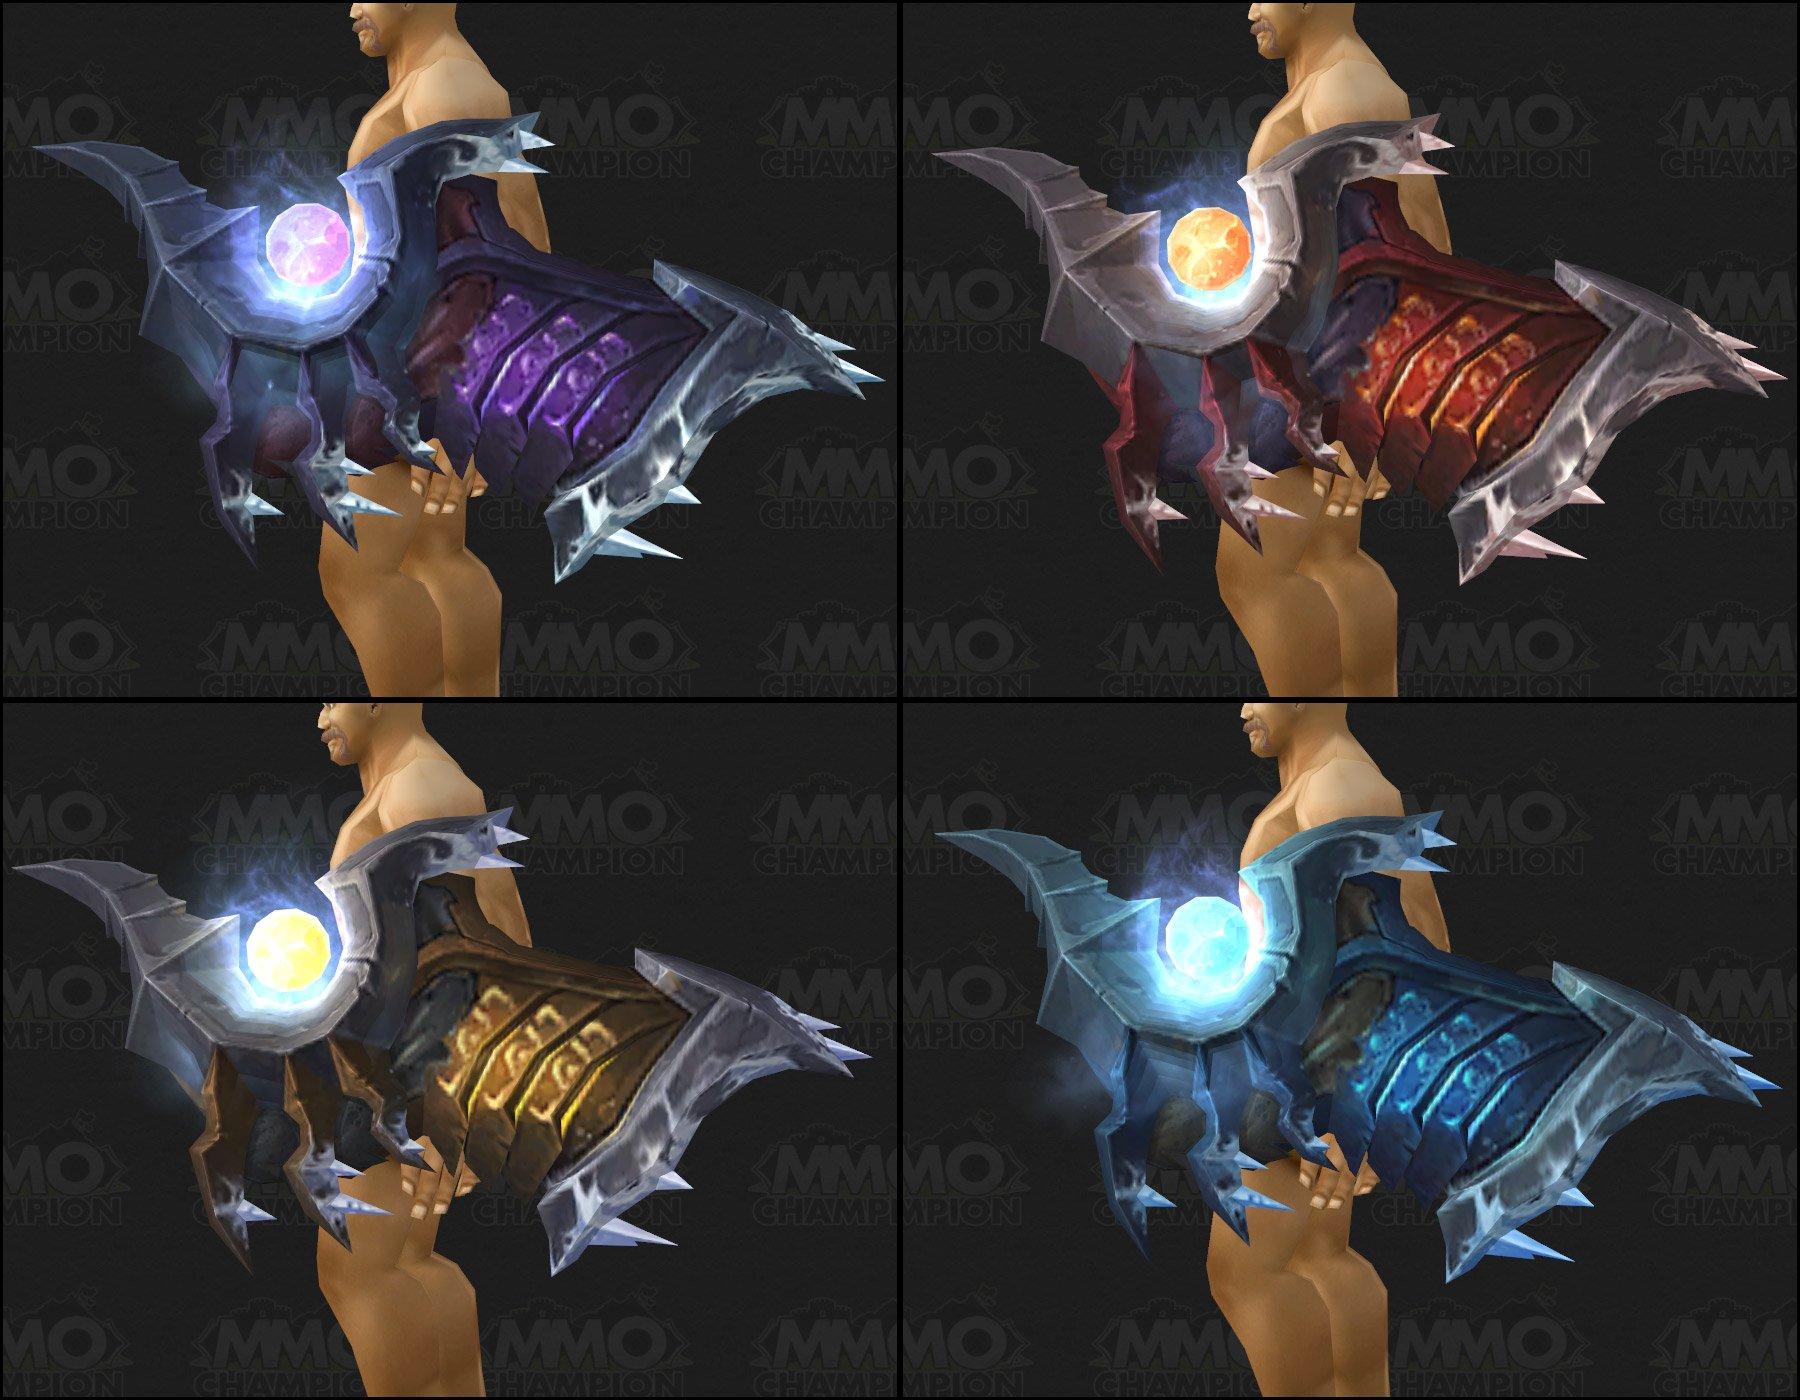 Warcraft 3 - frozen throne - охотники из тени - более 50 новых карт в стиле arena, rpg, aon, tower defense и т